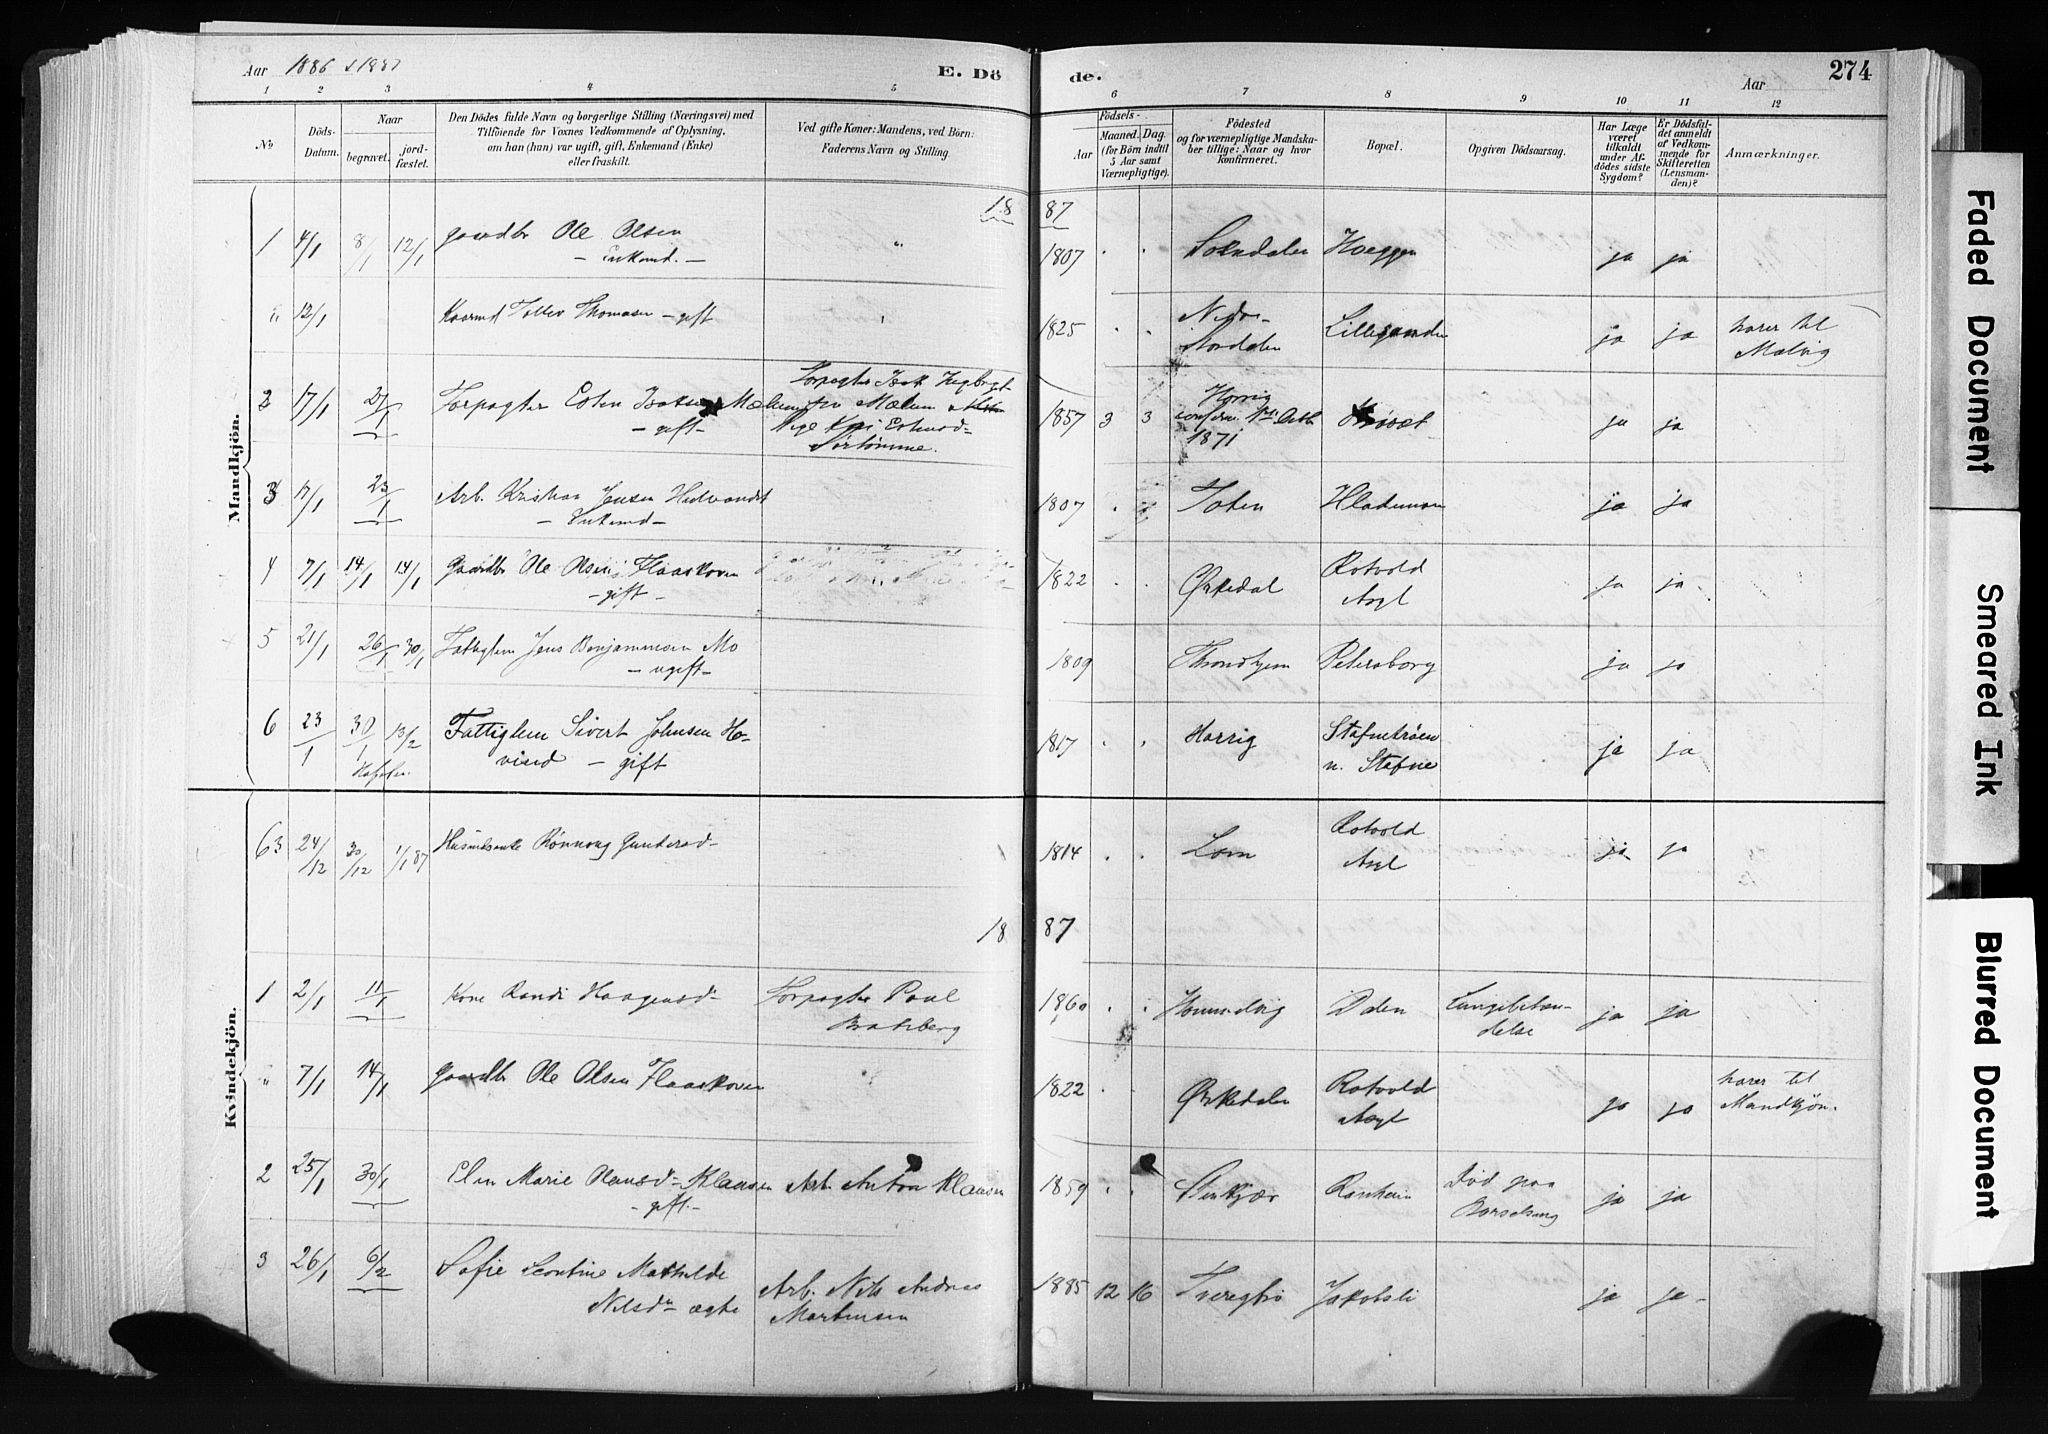 SAT, Ministerialprotokoller, klokkerbøker og fødselsregistre - Sør-Trøndelag, 606/L0300: Ministerialbok nr. 606A15, 1886-1893, s. 274